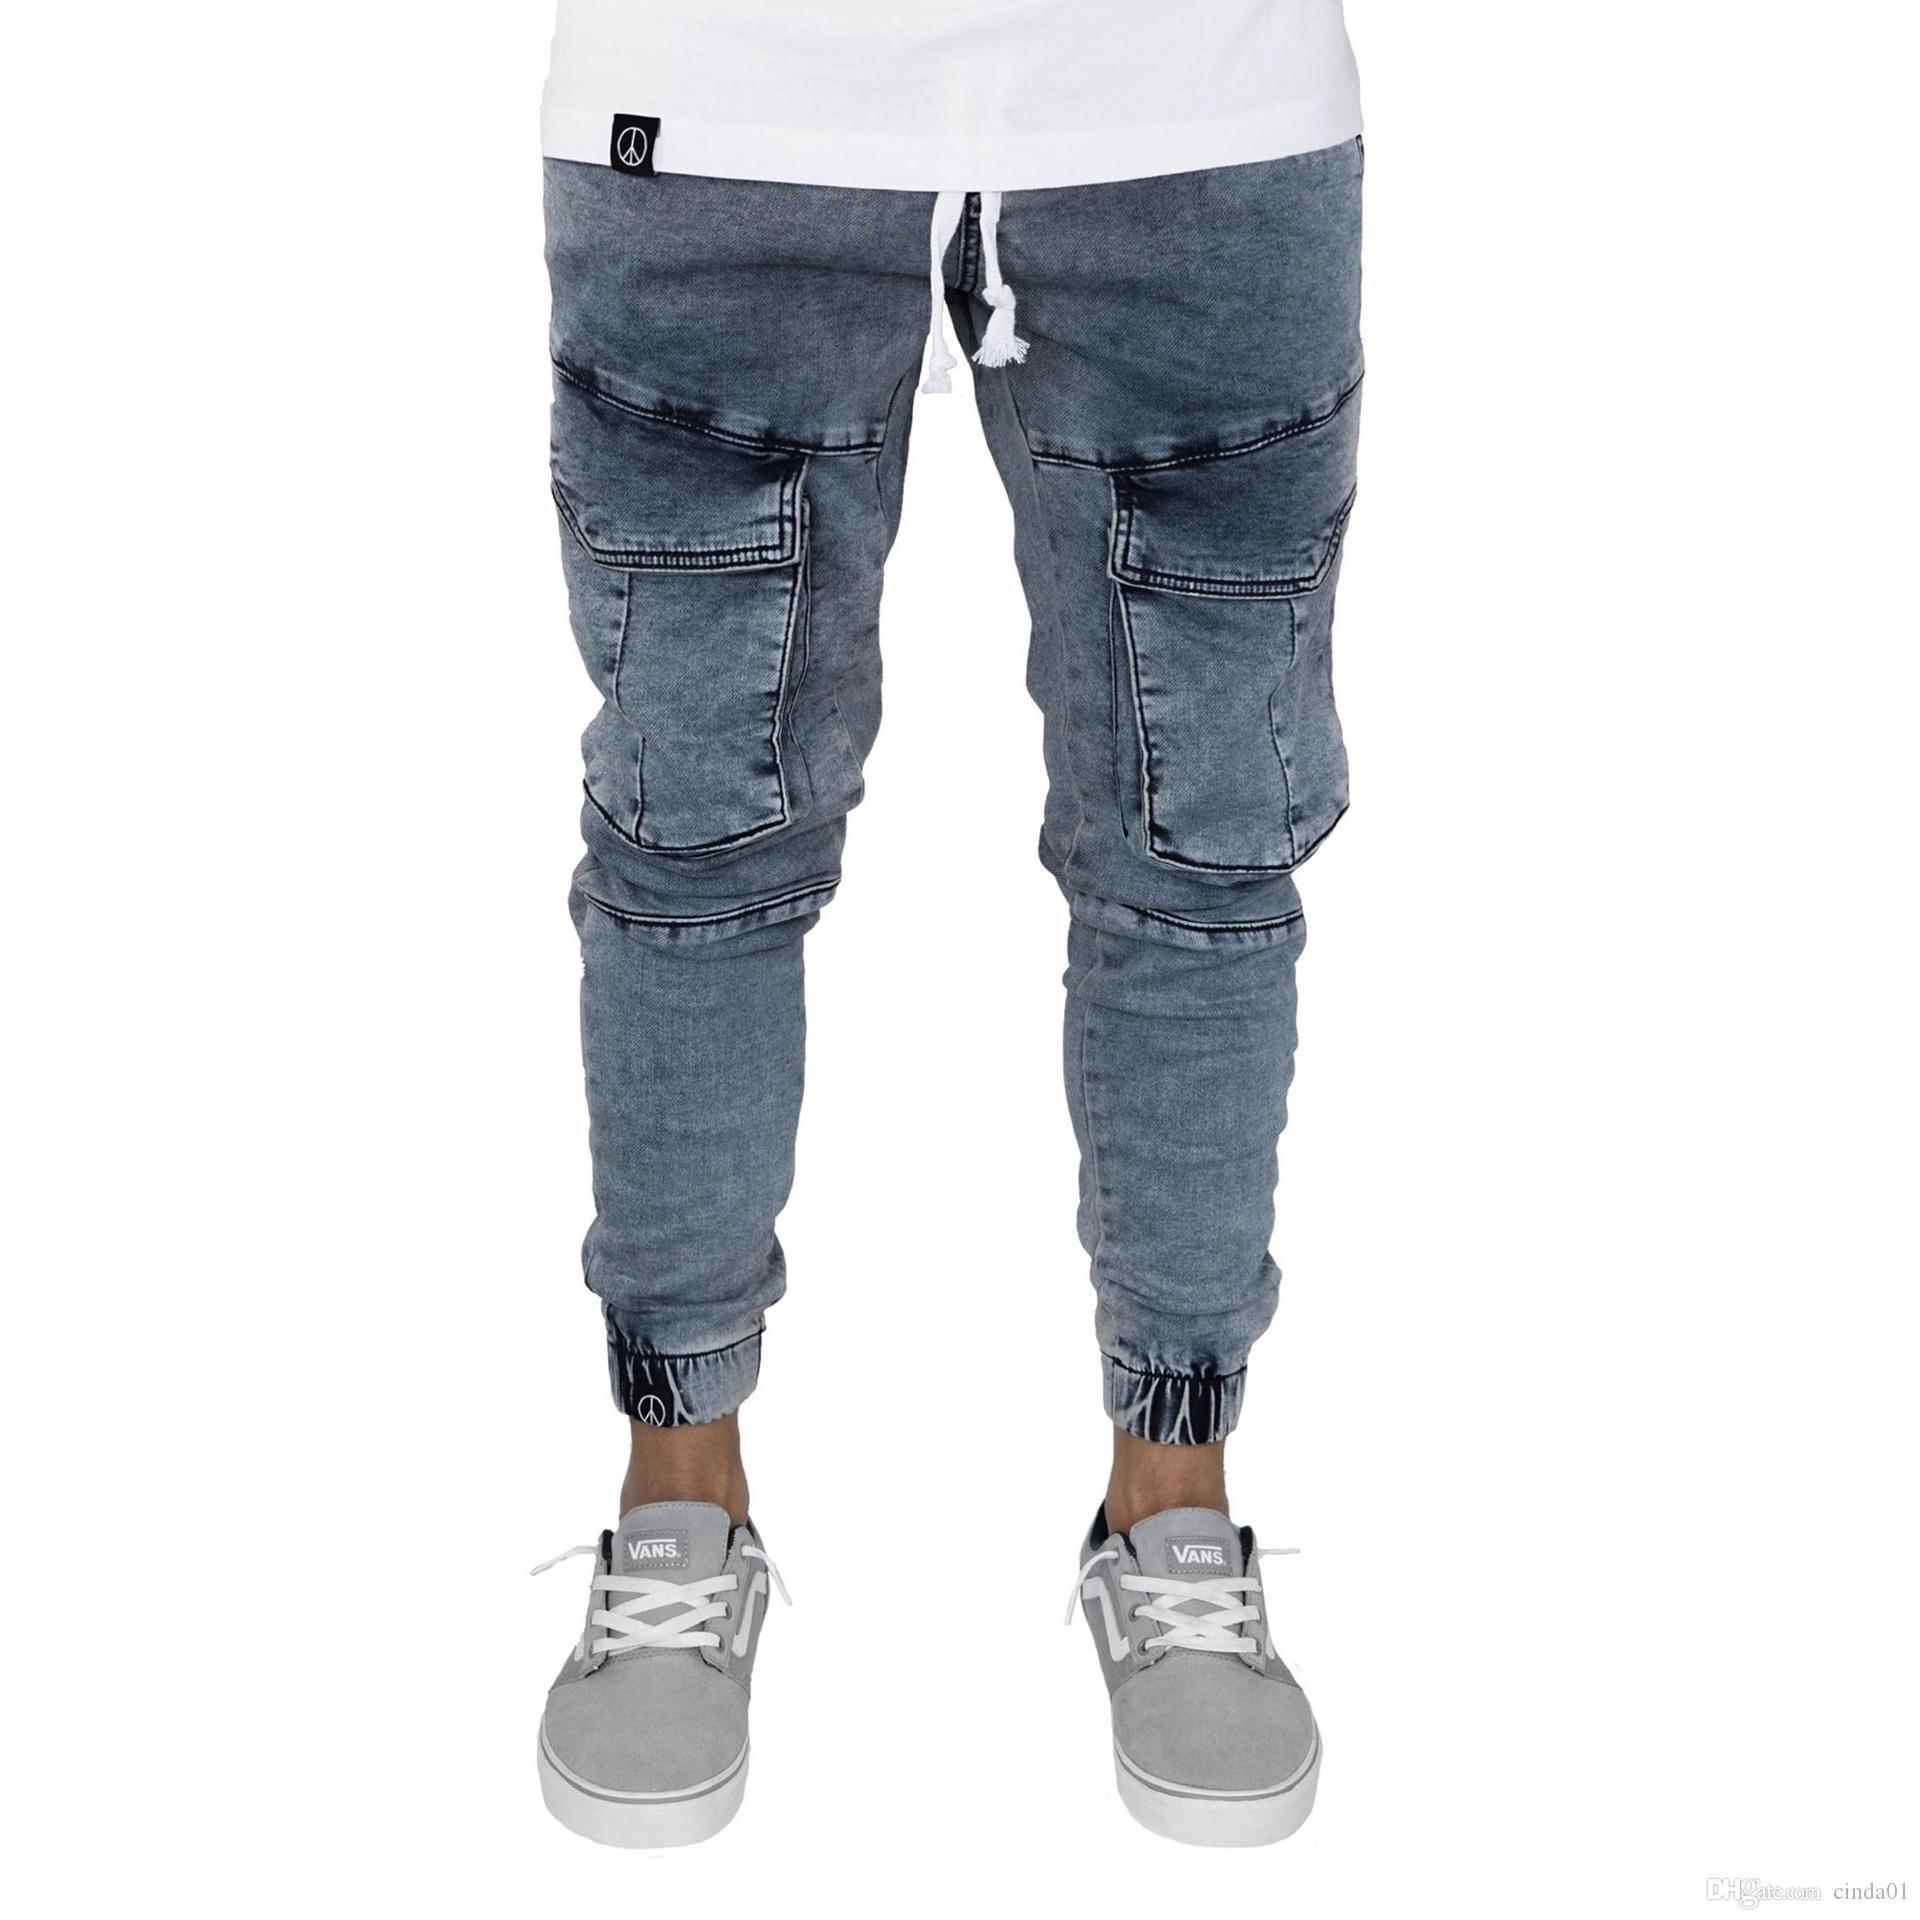 Casual Elastic Pantalon Crayon Crayon Minute Jeans Pocket Cool Slim Cadrage à la mode Nouveau Centre de style Vent urbain Neuf BCAJV